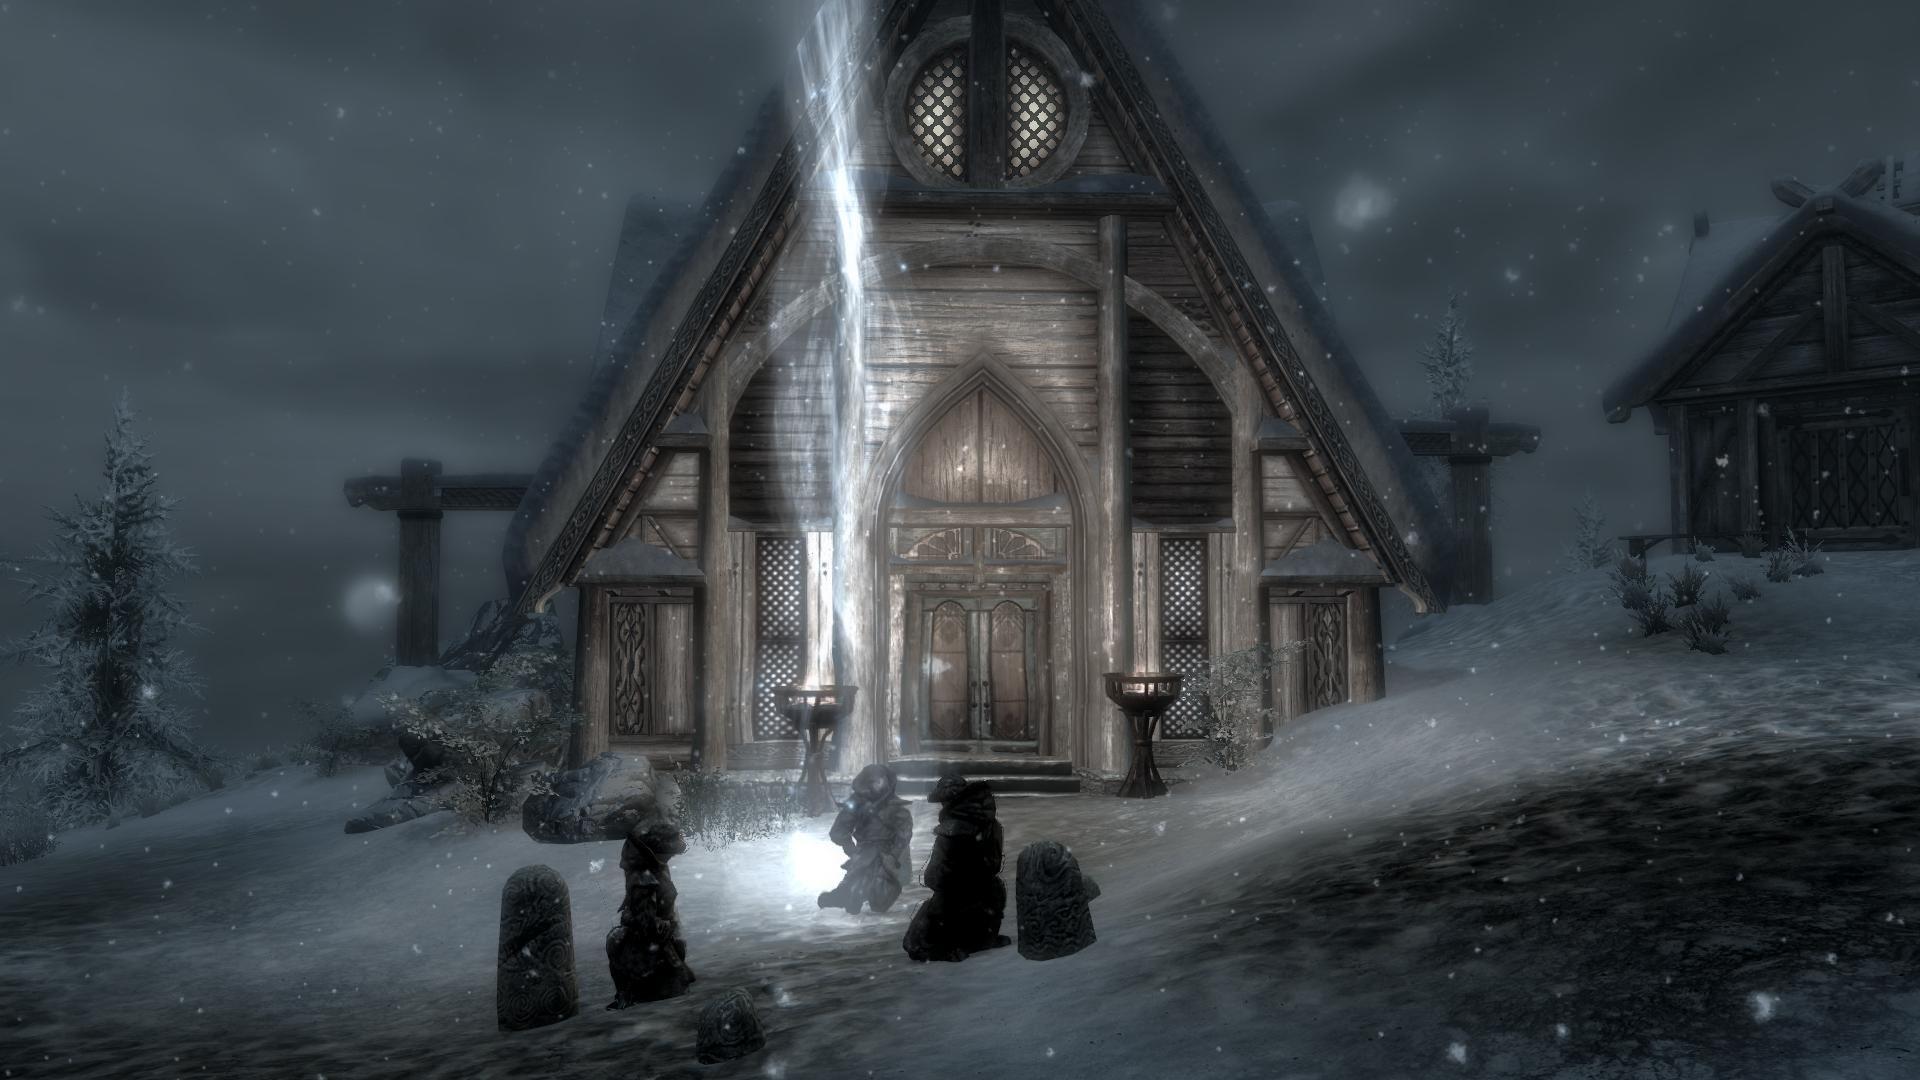 The Elder Scrolls Skyrim Dragonborn Skaal Vielege Wallpaper